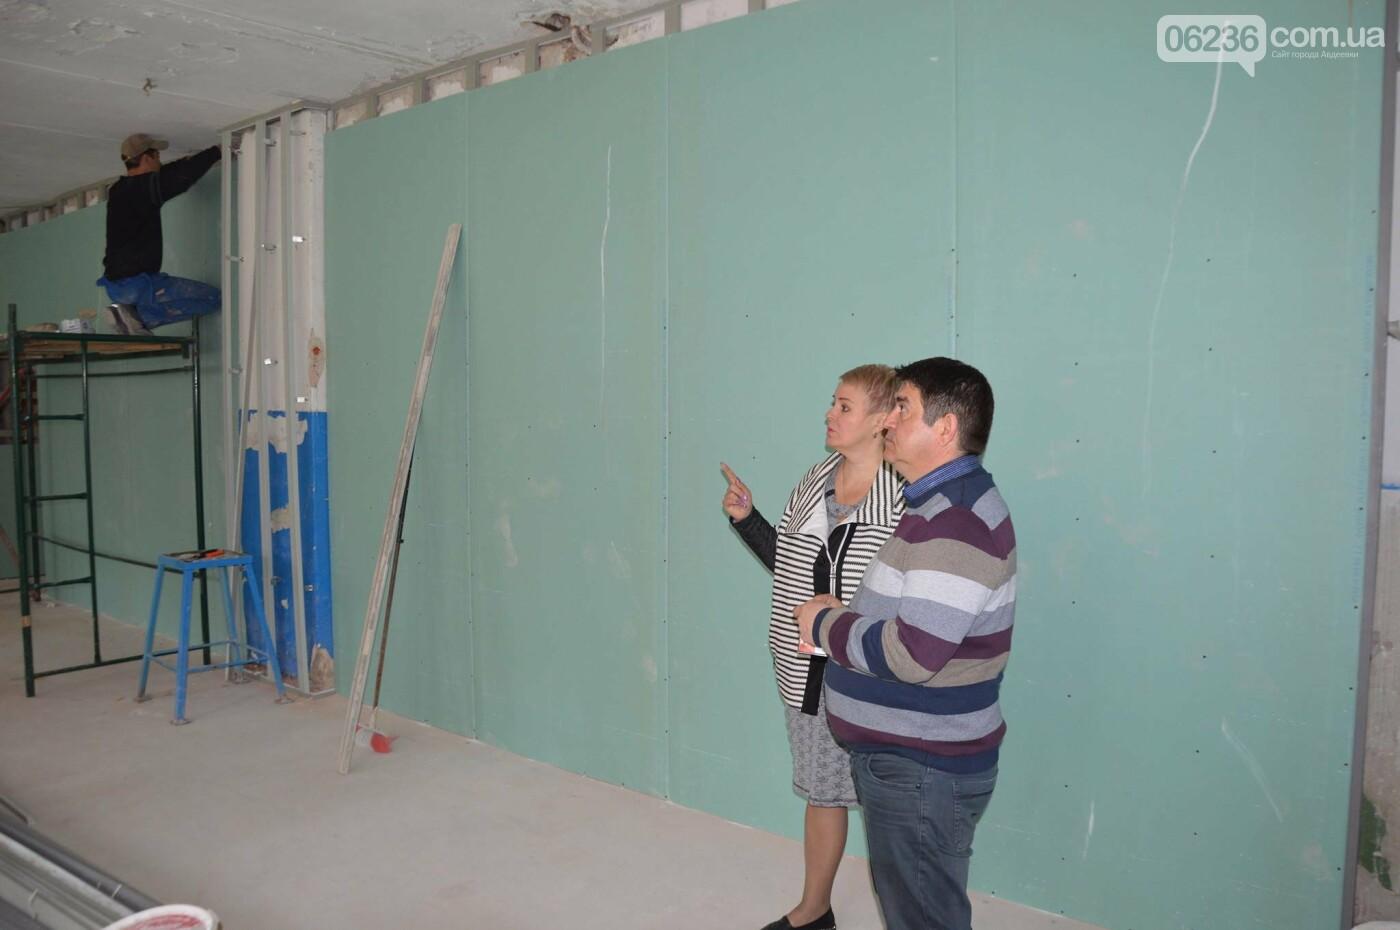 АКХЗ продолжает работать над созданием Центра для развития детей и молодёжи , фото-1